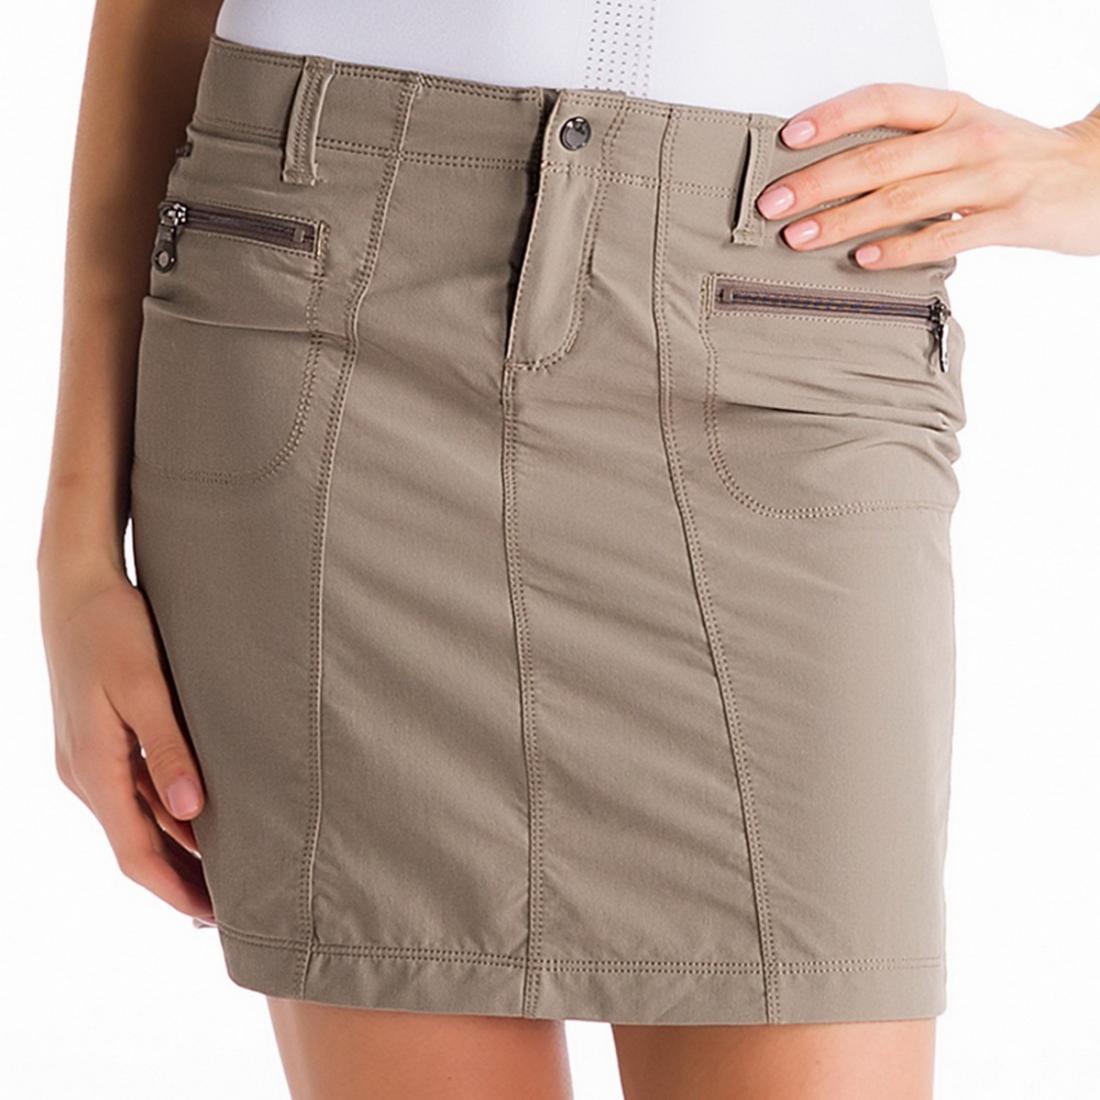 Юбка LSW1015 MILAN SKIRTЮбки<br><br> Строгий крой и элегантность юбки Lole Milan Skirt  LSW1015 отлично сочетаются с ее практичностью и функциональностью. Она выполнена из прочной износостойкой немнущейся ткани с великолепными дышащими и впитывающими свойствами, что делает ее идеальны...<br><br>Цвет: Серый<br>Размер: 2